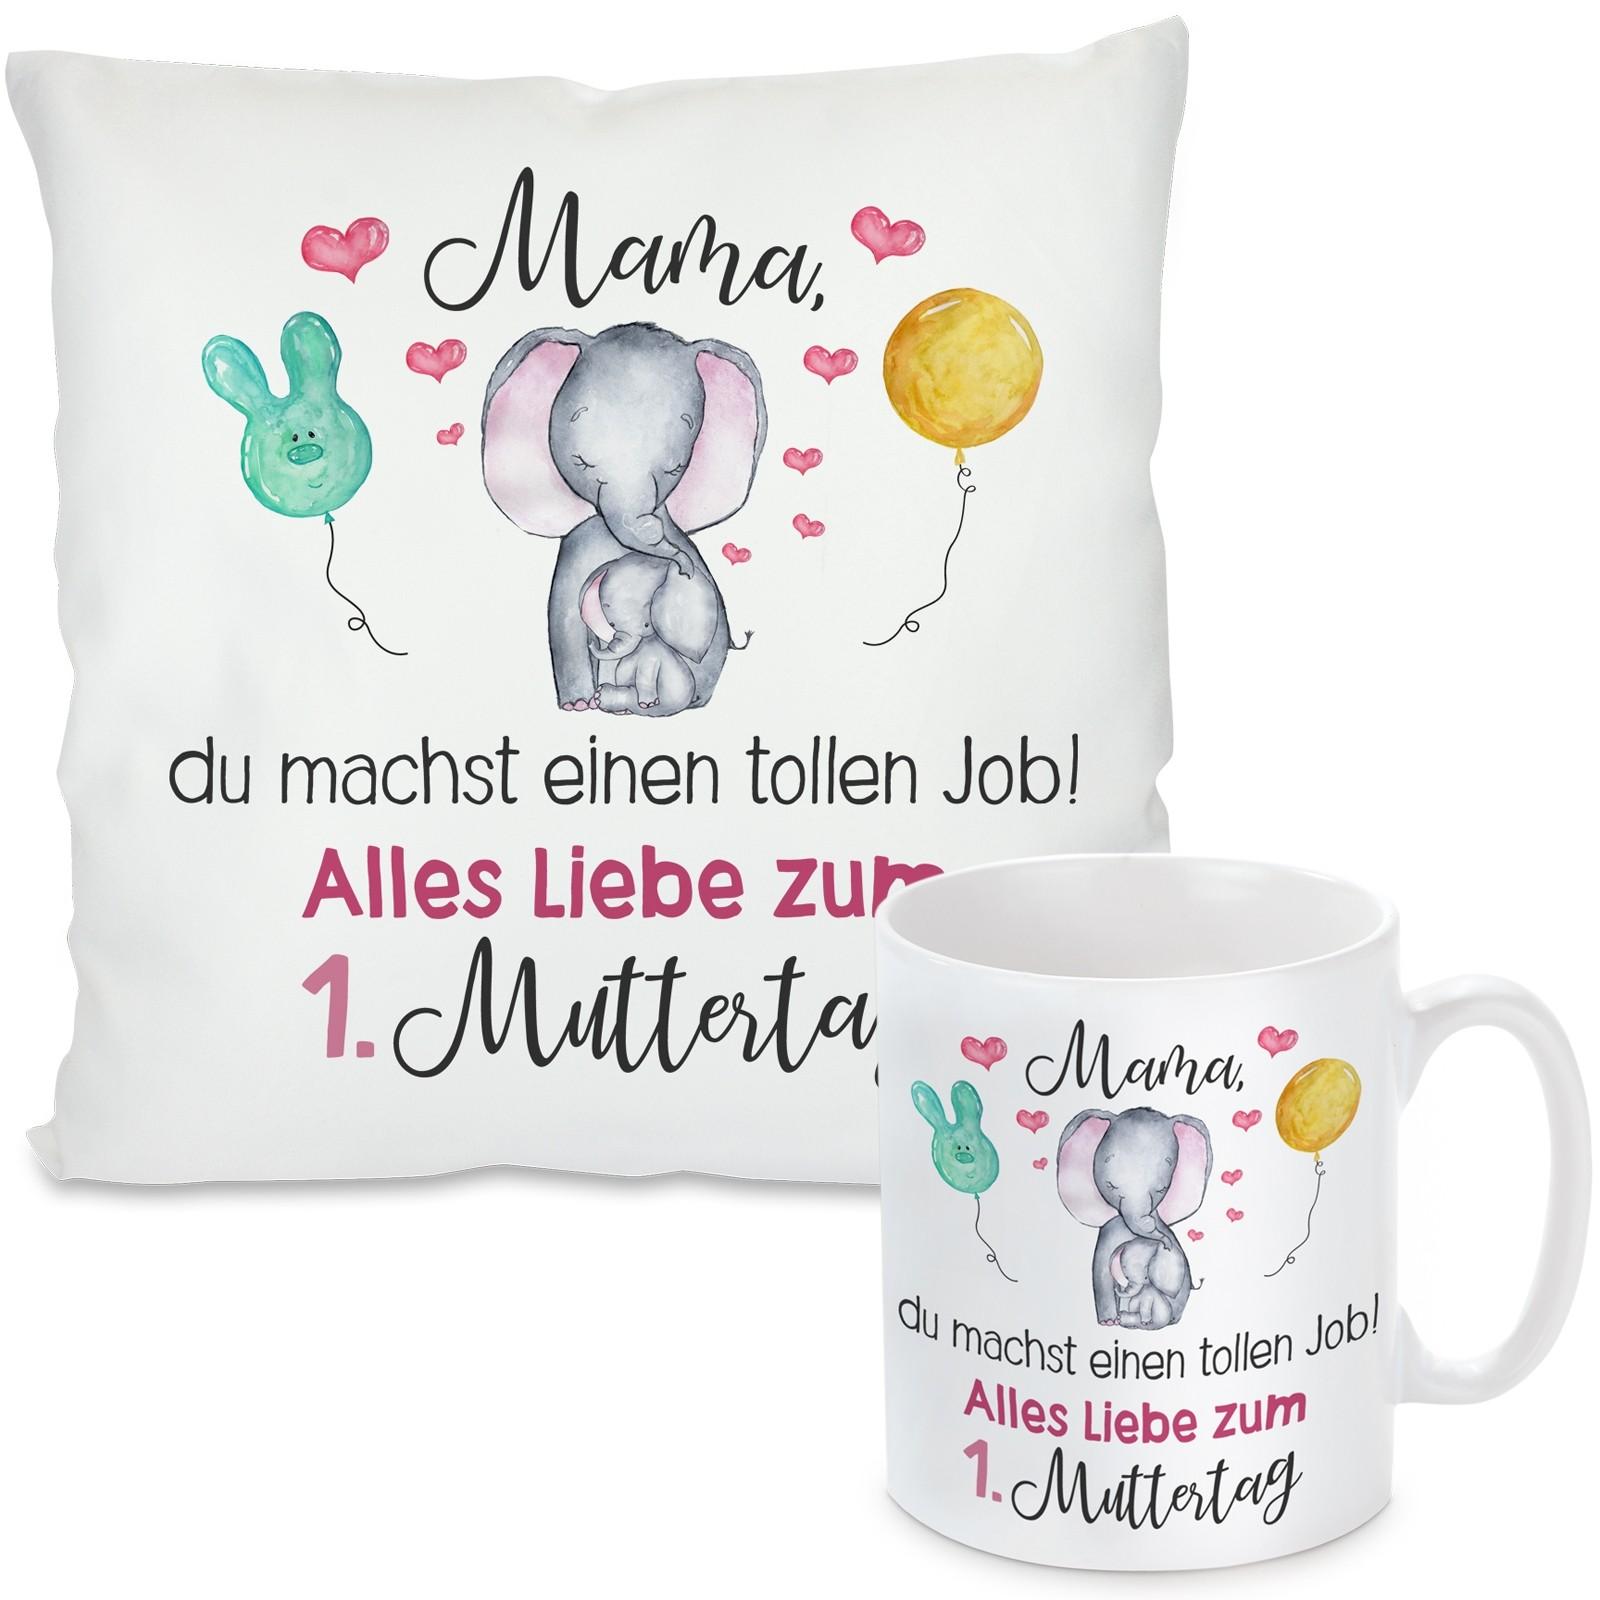 Kissen oder Tasse: Mama, du machst einen tollen Job